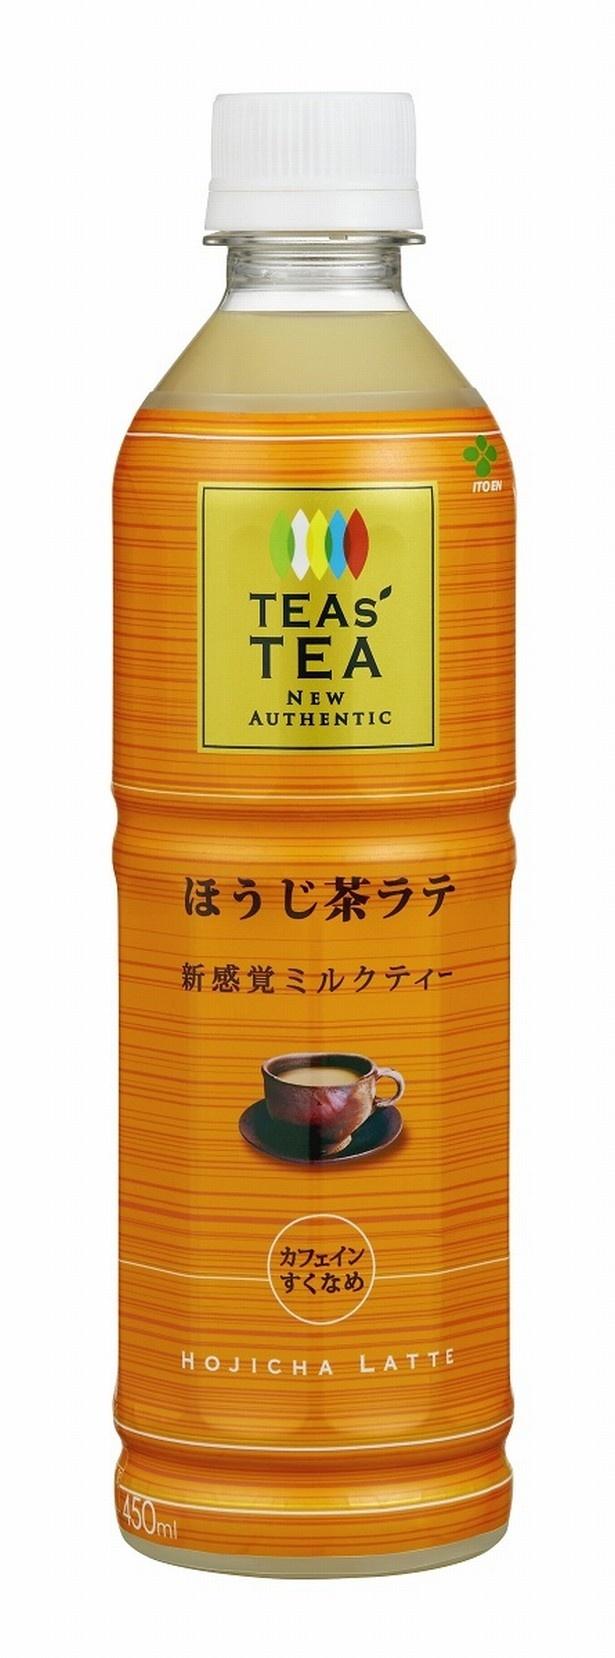 ほうじ茶にミルクを加え、独自の焙煎方法で完成させた日本版ミルクティー「TEAs'TEA NEW AUTHENTIC ほうじ茶ラテ」(希望小売価格・各税抜140円)は10月10日(祝)発売